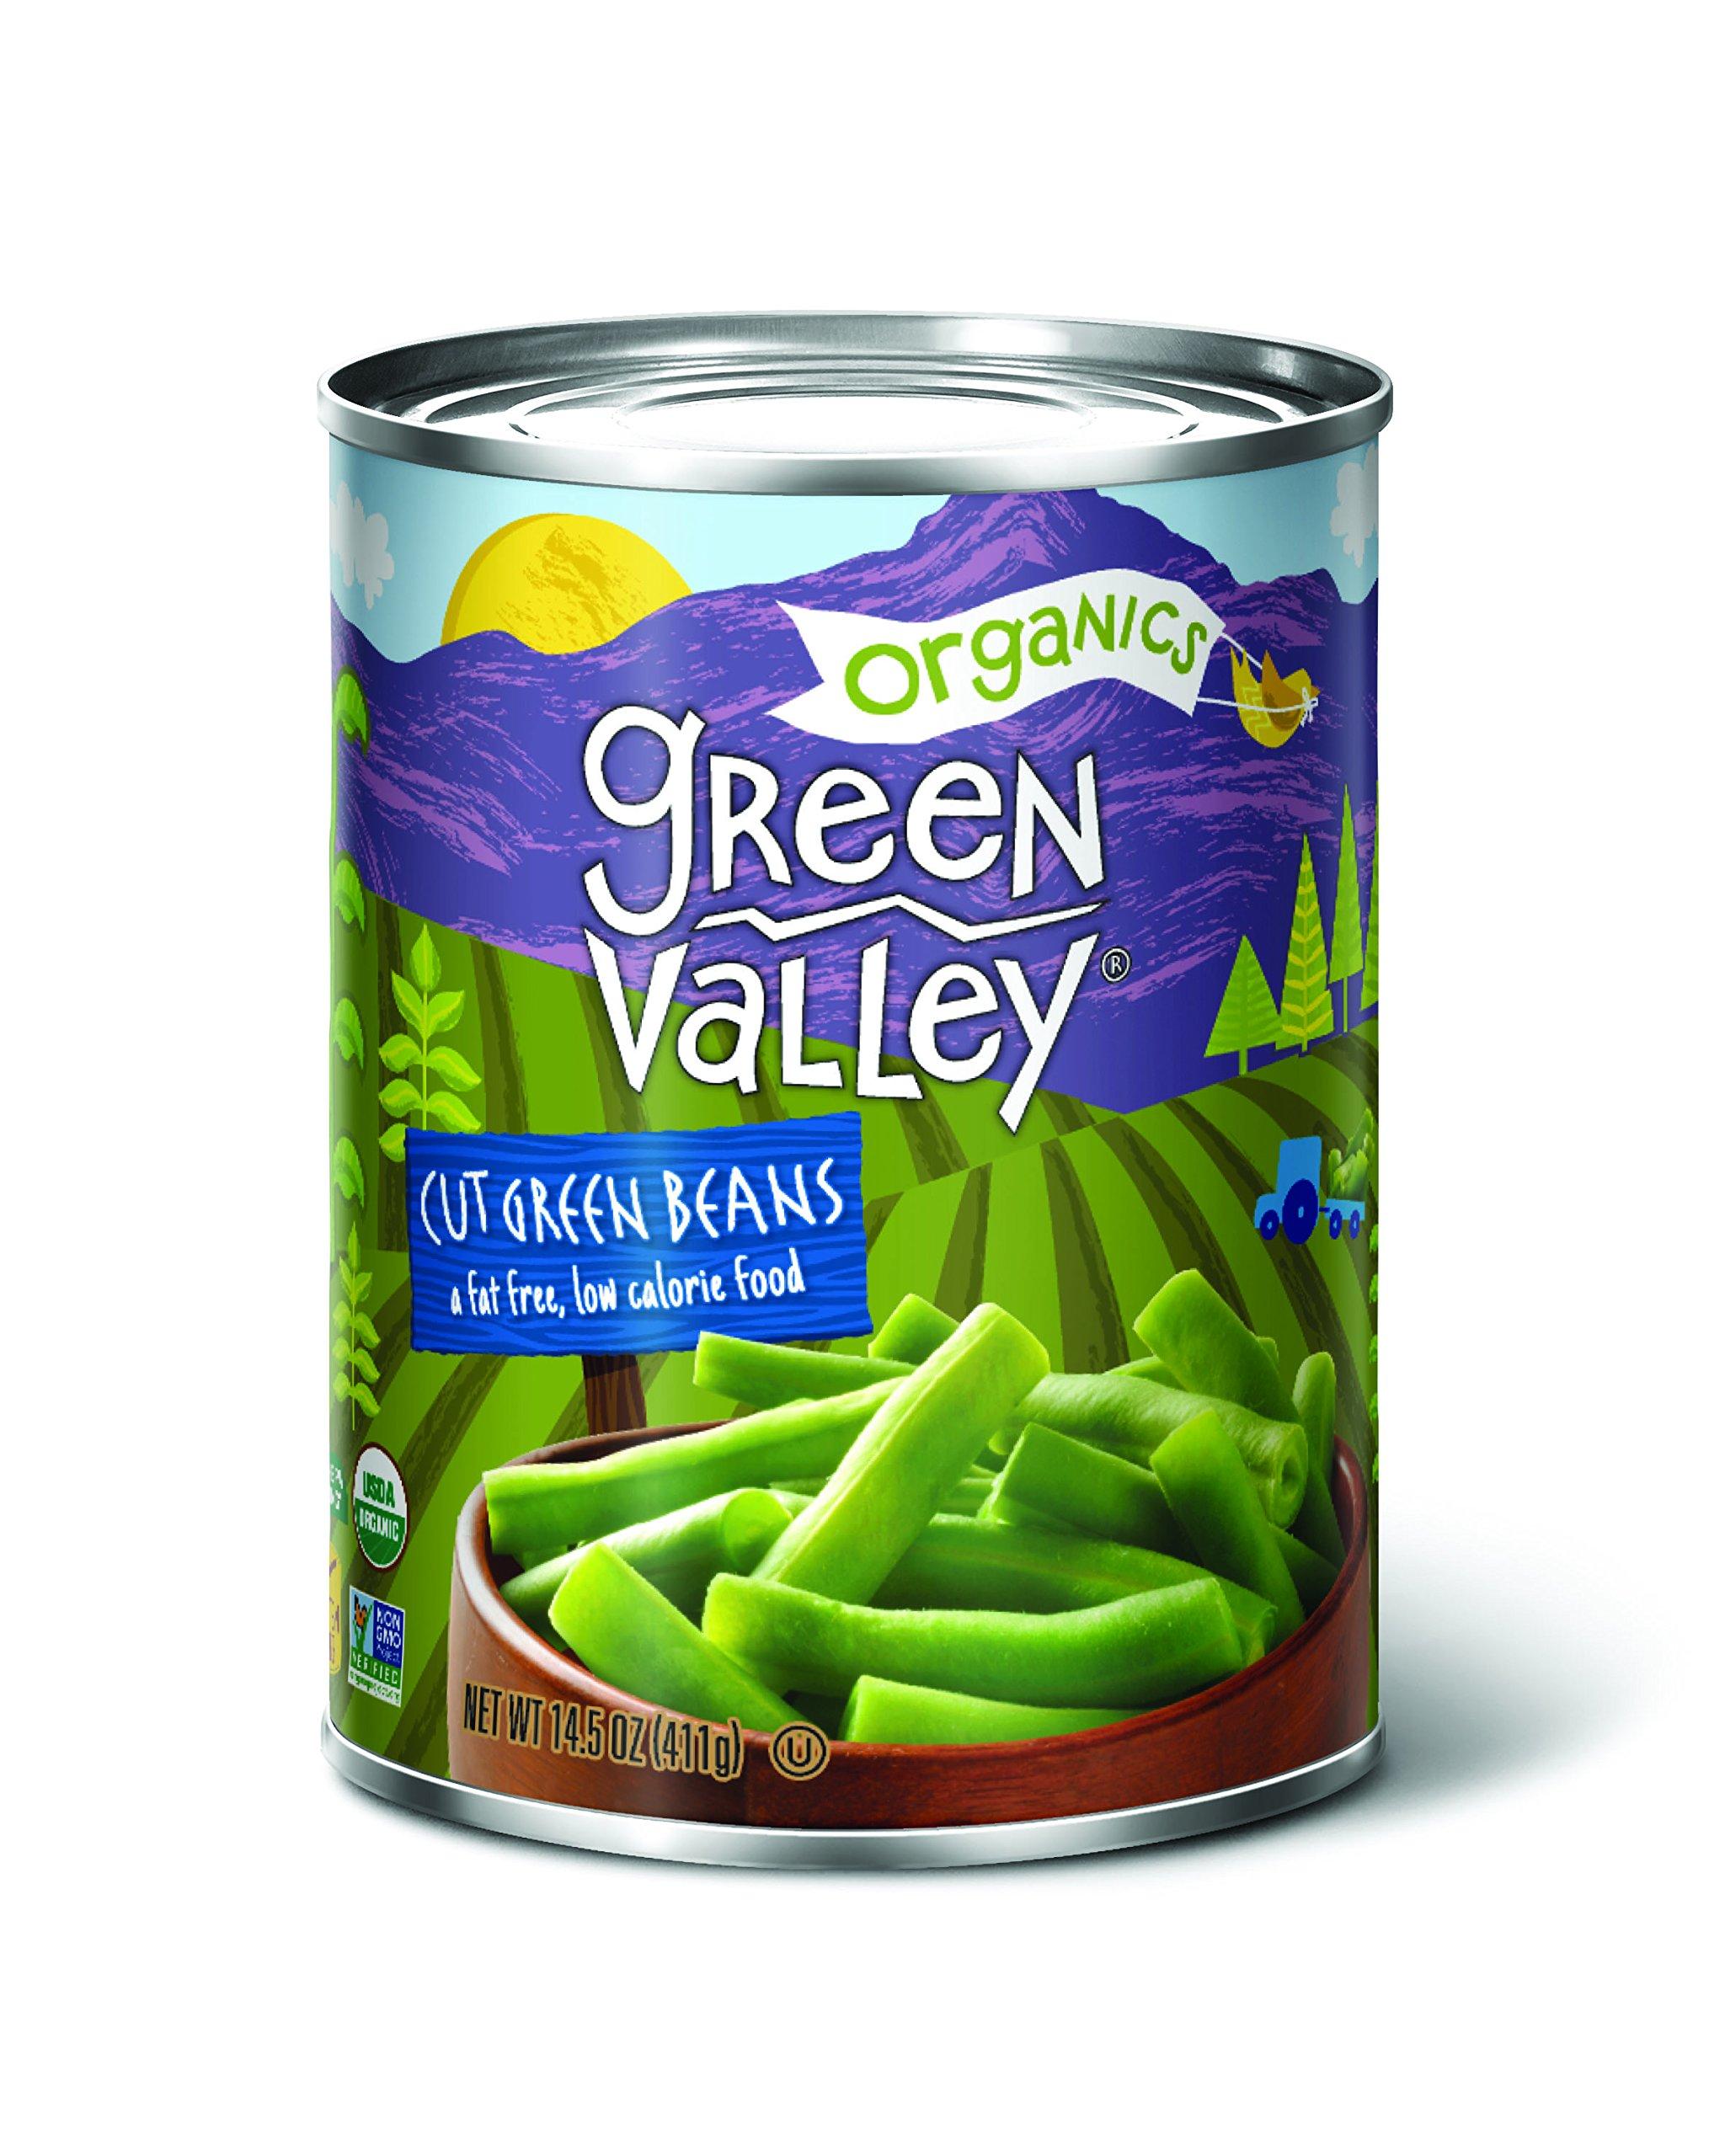 Green Valley Organics Cut Green Beans, 14.5 Ounce (Pack of 12)